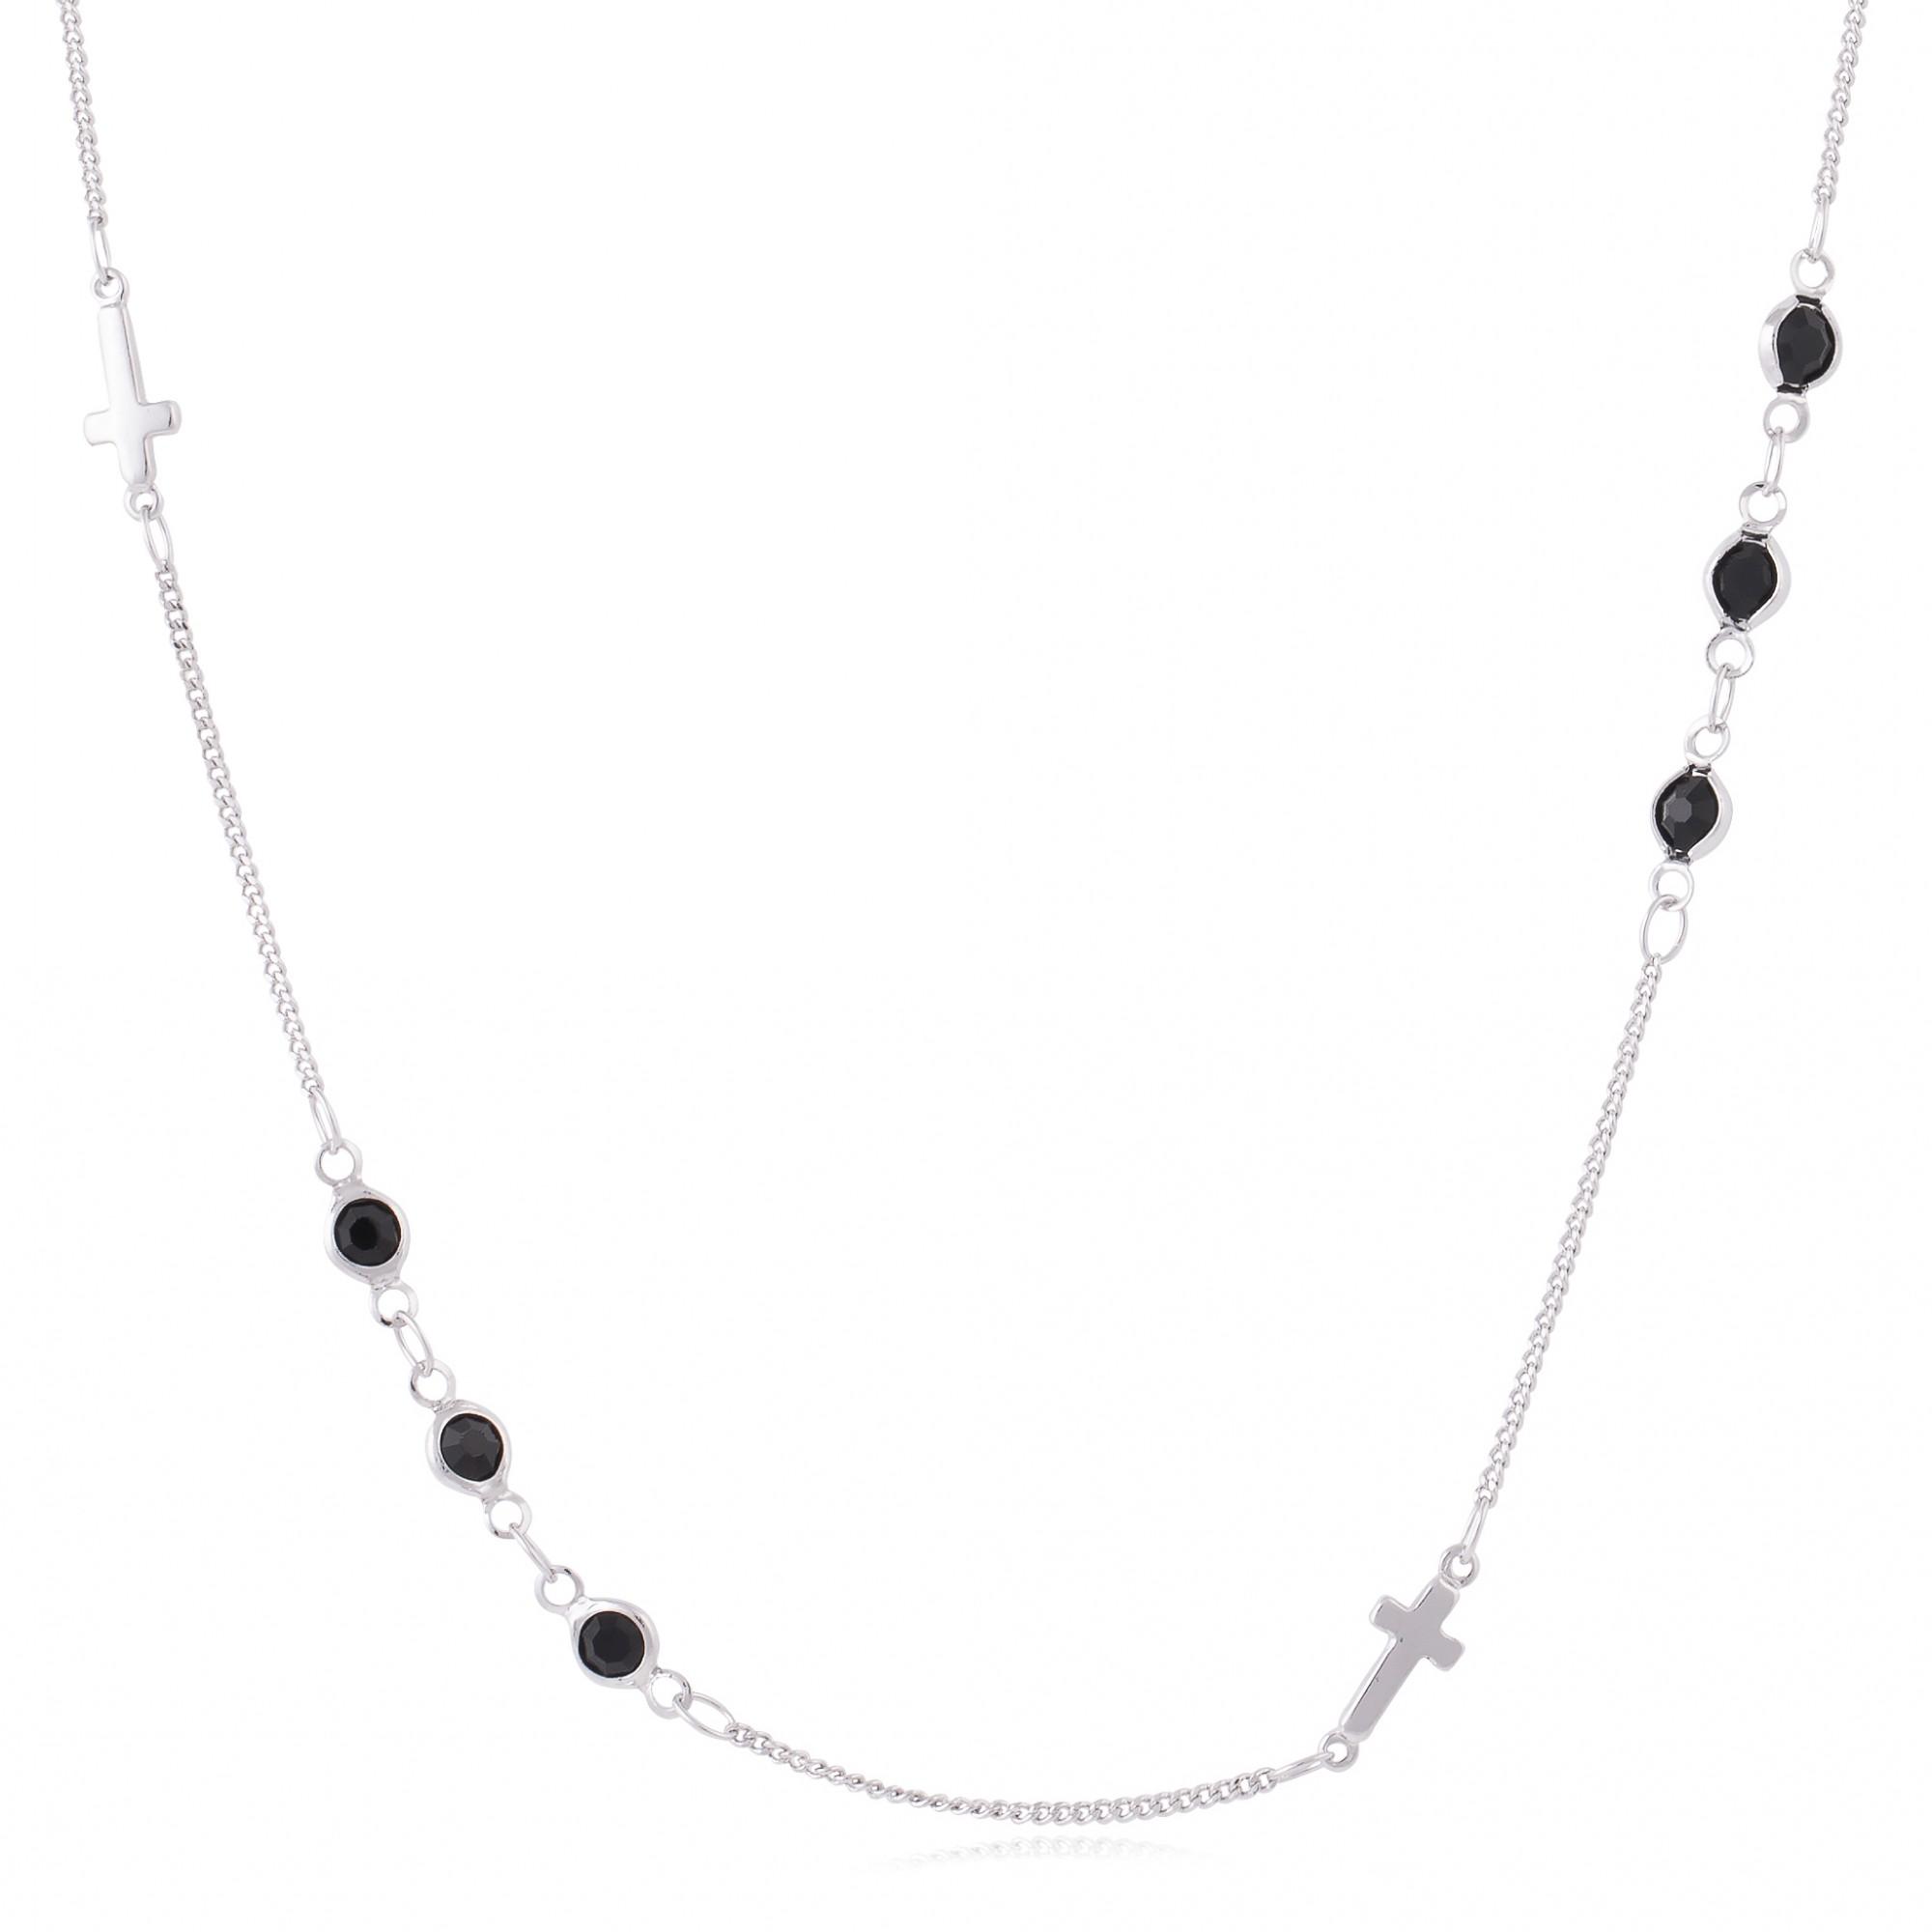 Colar trio cristais pretos banho de ródio branco.  - romabrazil.com.br